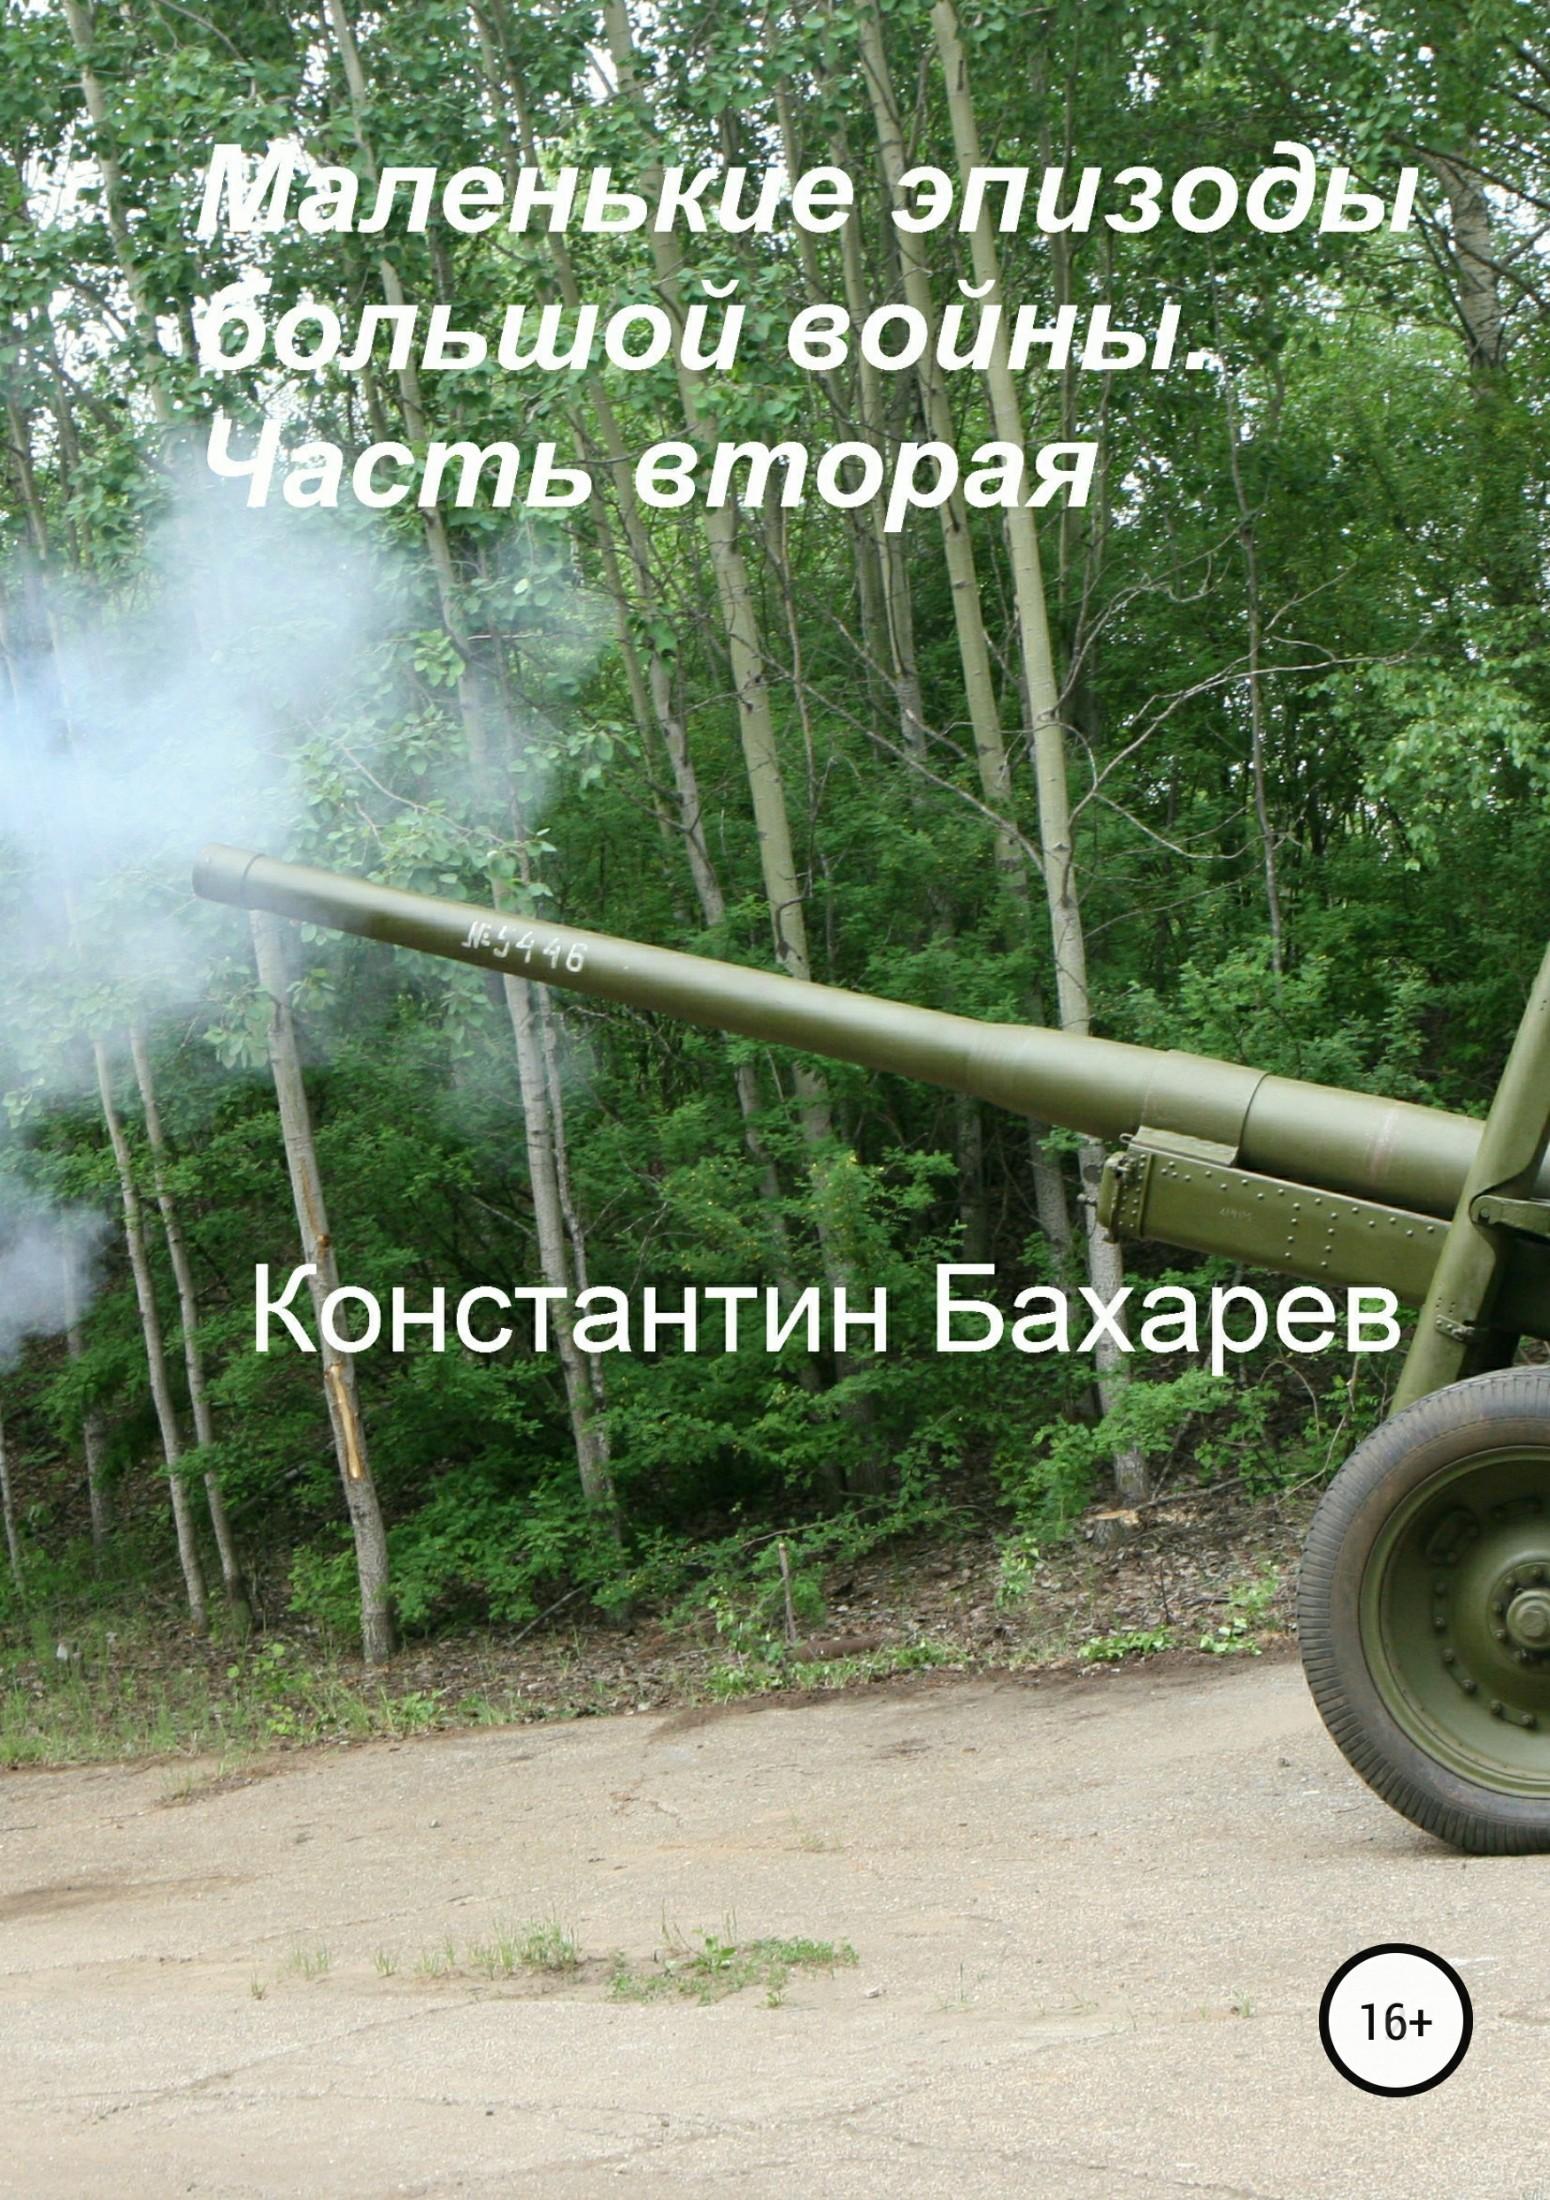 Константин Павлович Бахарев Маленькие эпизоды большой войны. Часть вторая